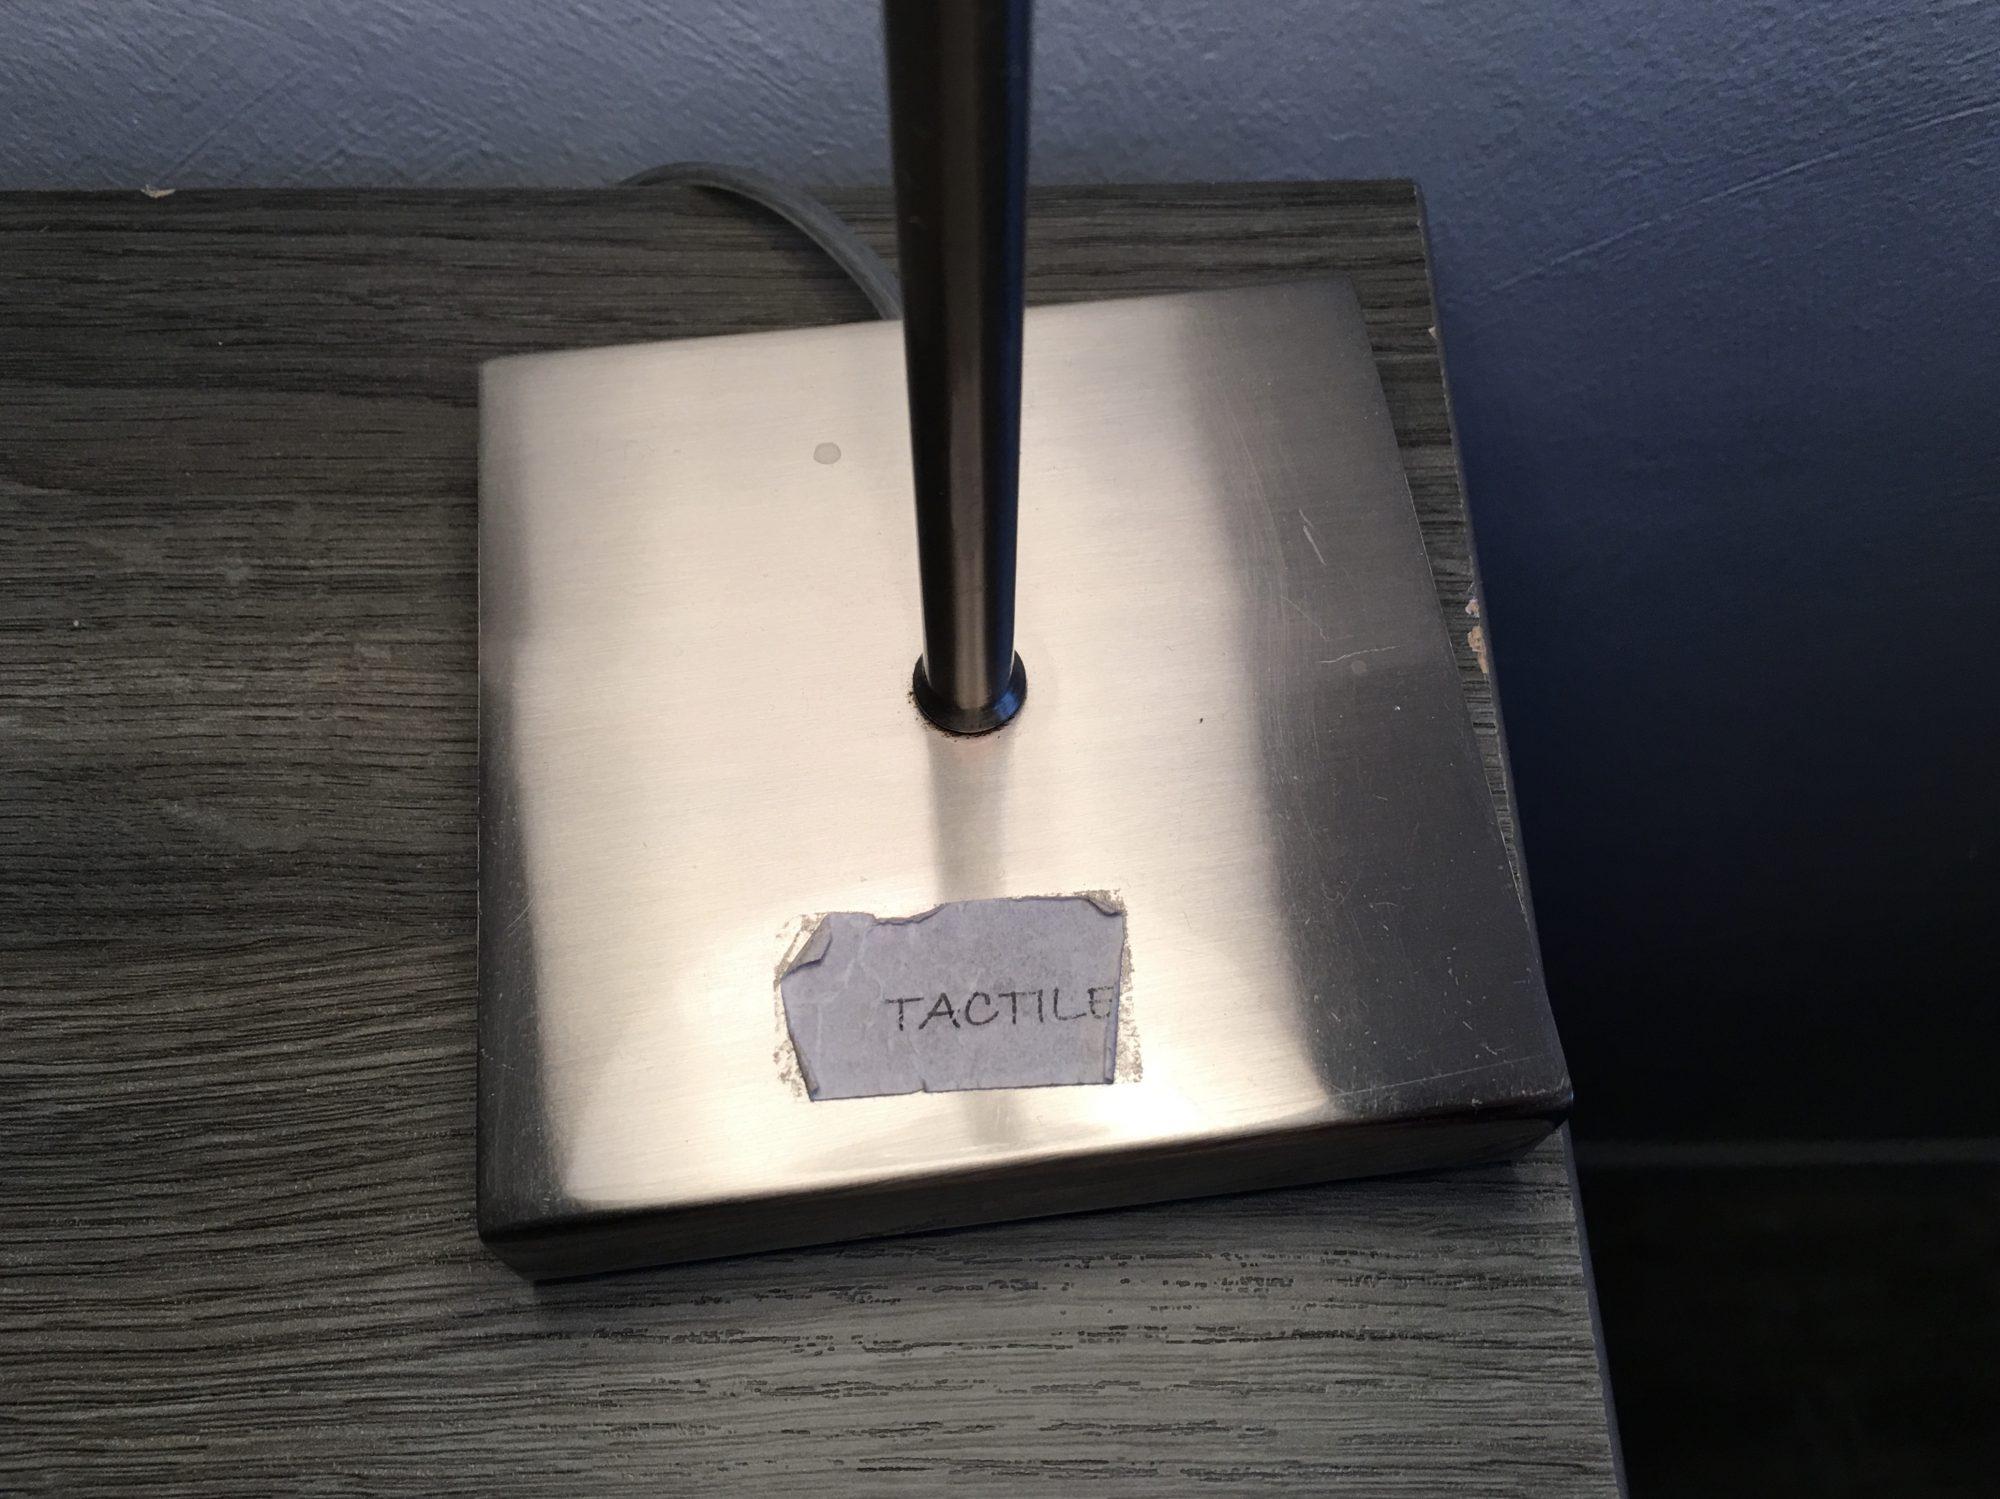 Aufkleber auf dem Fuß einer Nachttischlampe: tactile